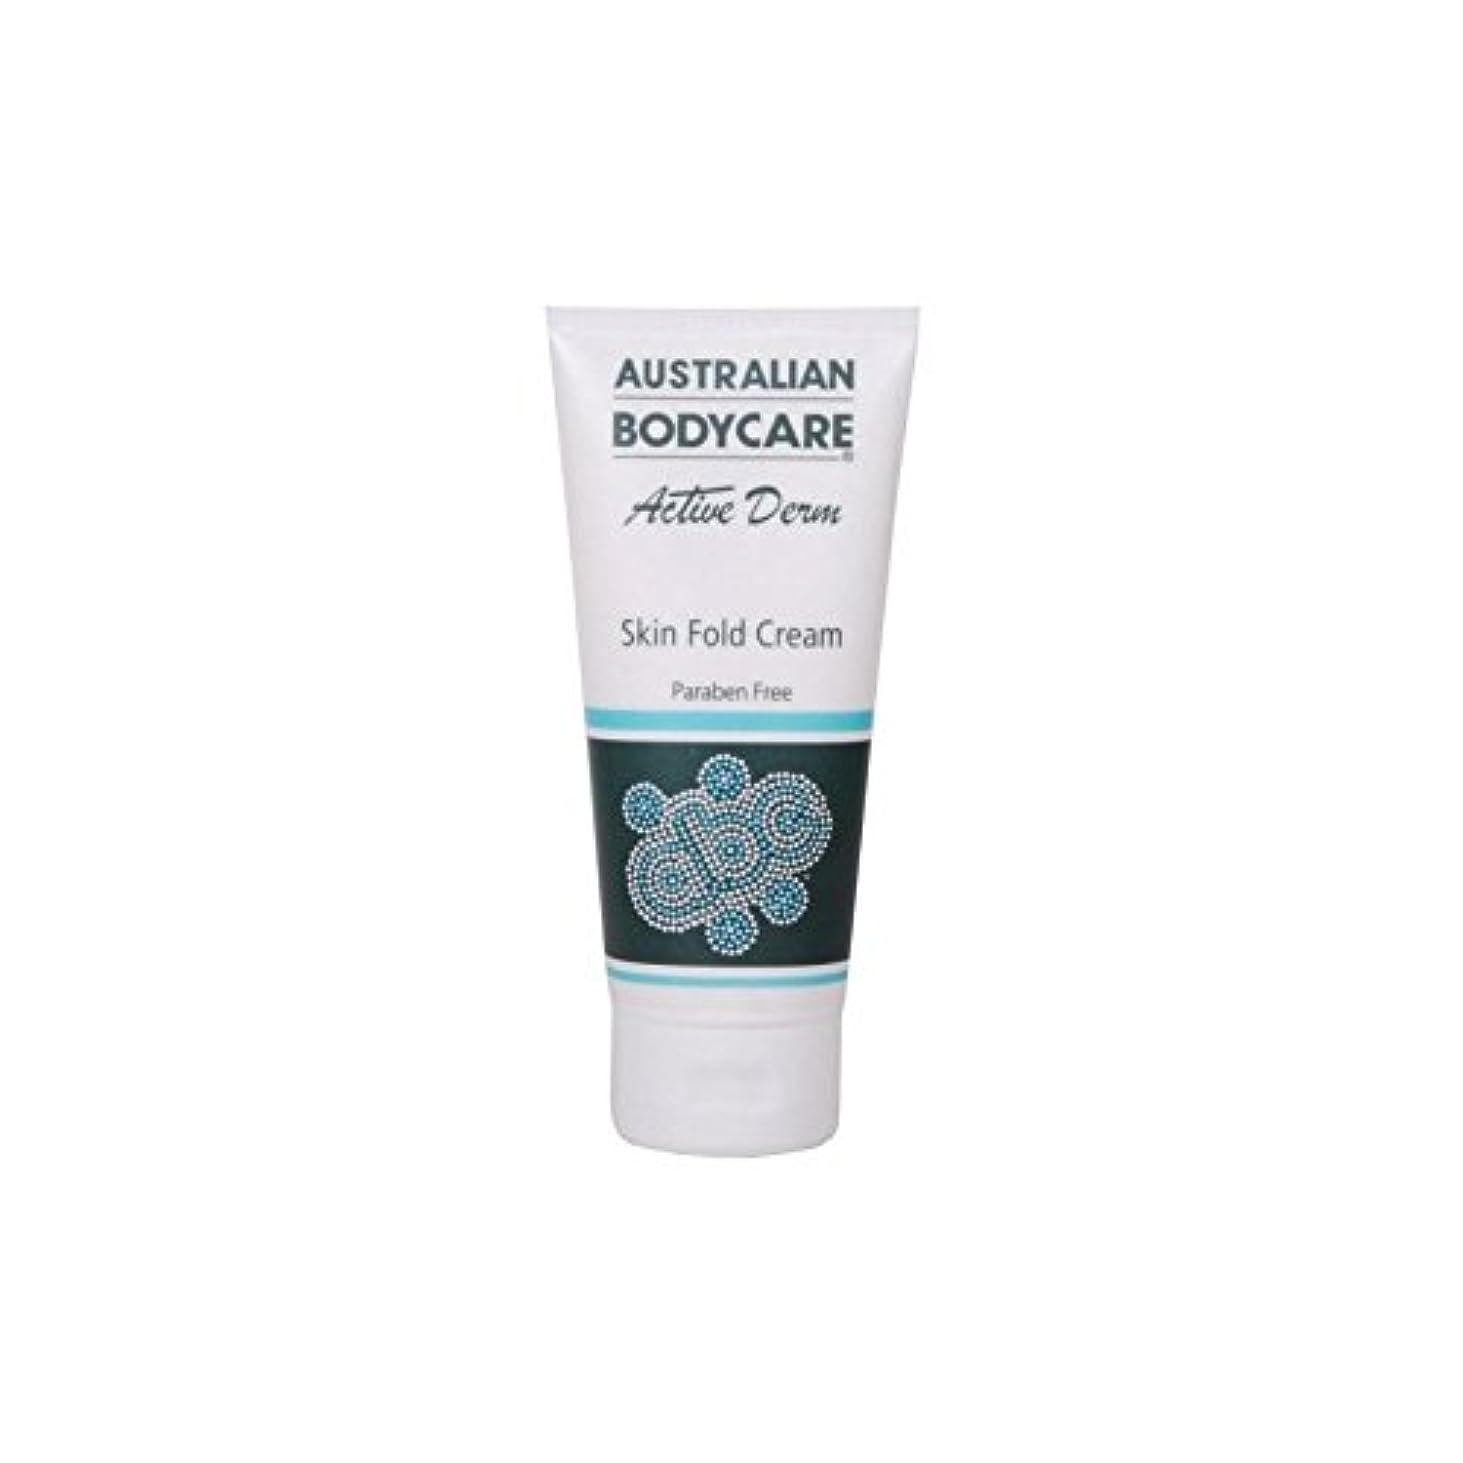 エイズ報復するラインAustralian Bodycare Active Derm Skin Fold Cream (100ml) - オーストラリアのボディケアアクティブダーム皮膚のひだクリーム(100ミリリットル) [並行輸入品]